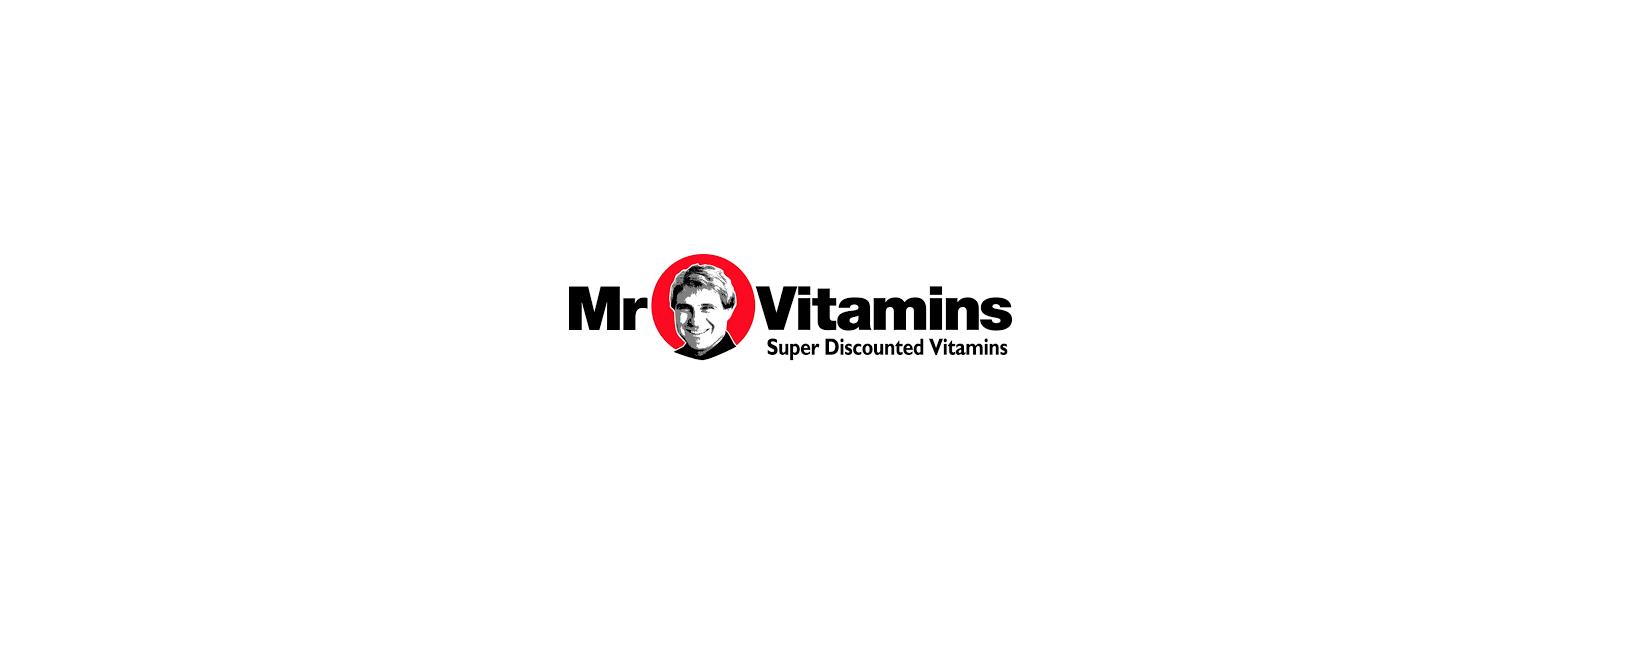 Mr Vitamins AU Discount Code 2021